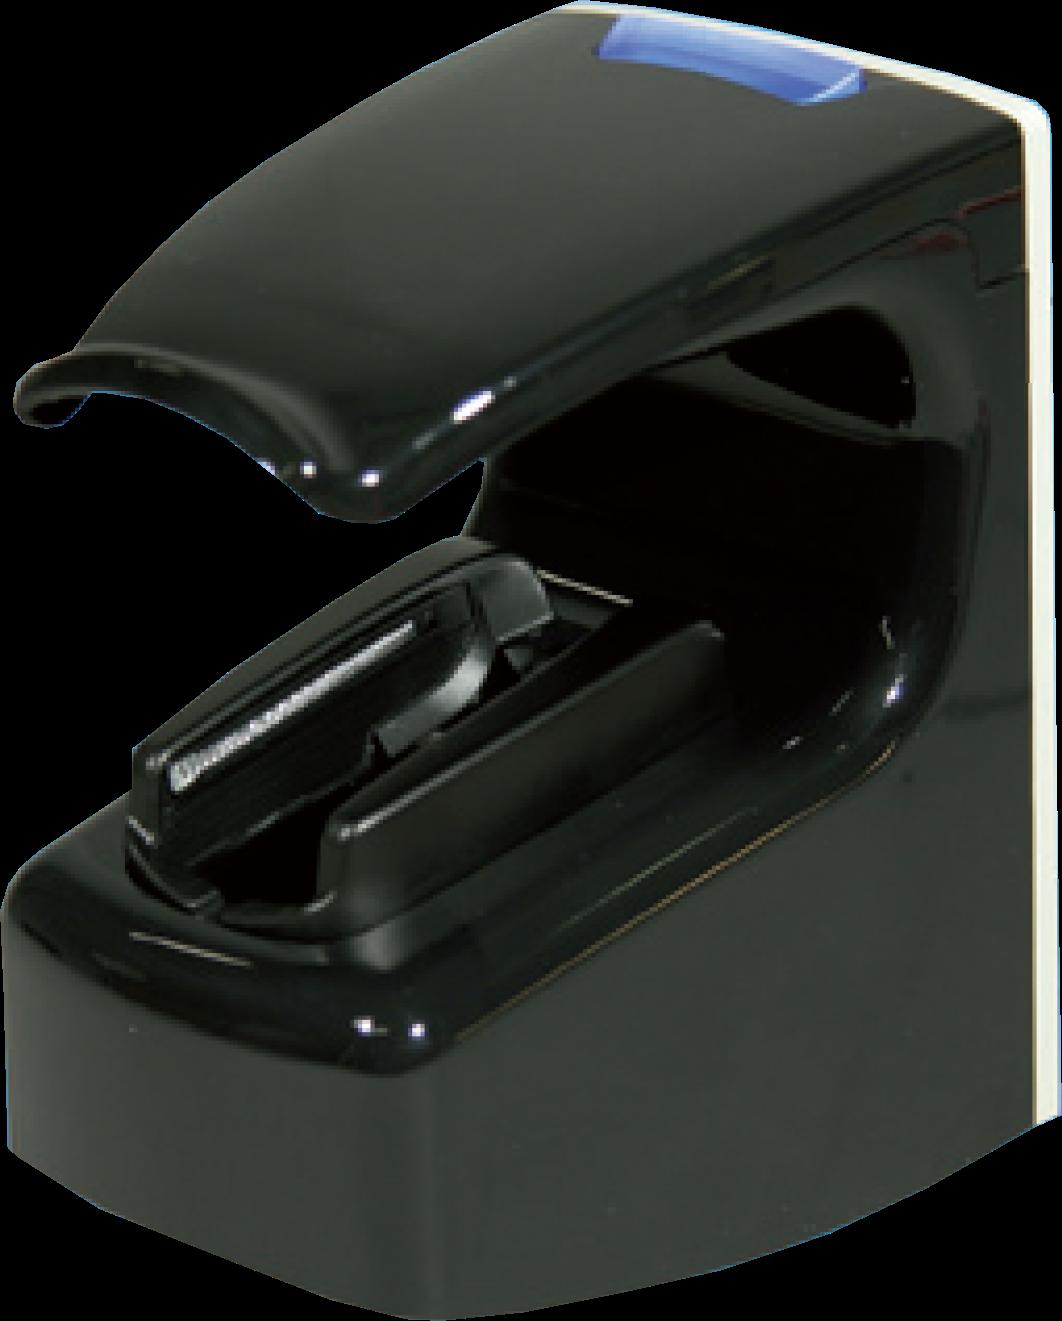 считыватель двойной биометрической технологии MorphoAccess VP-Dual